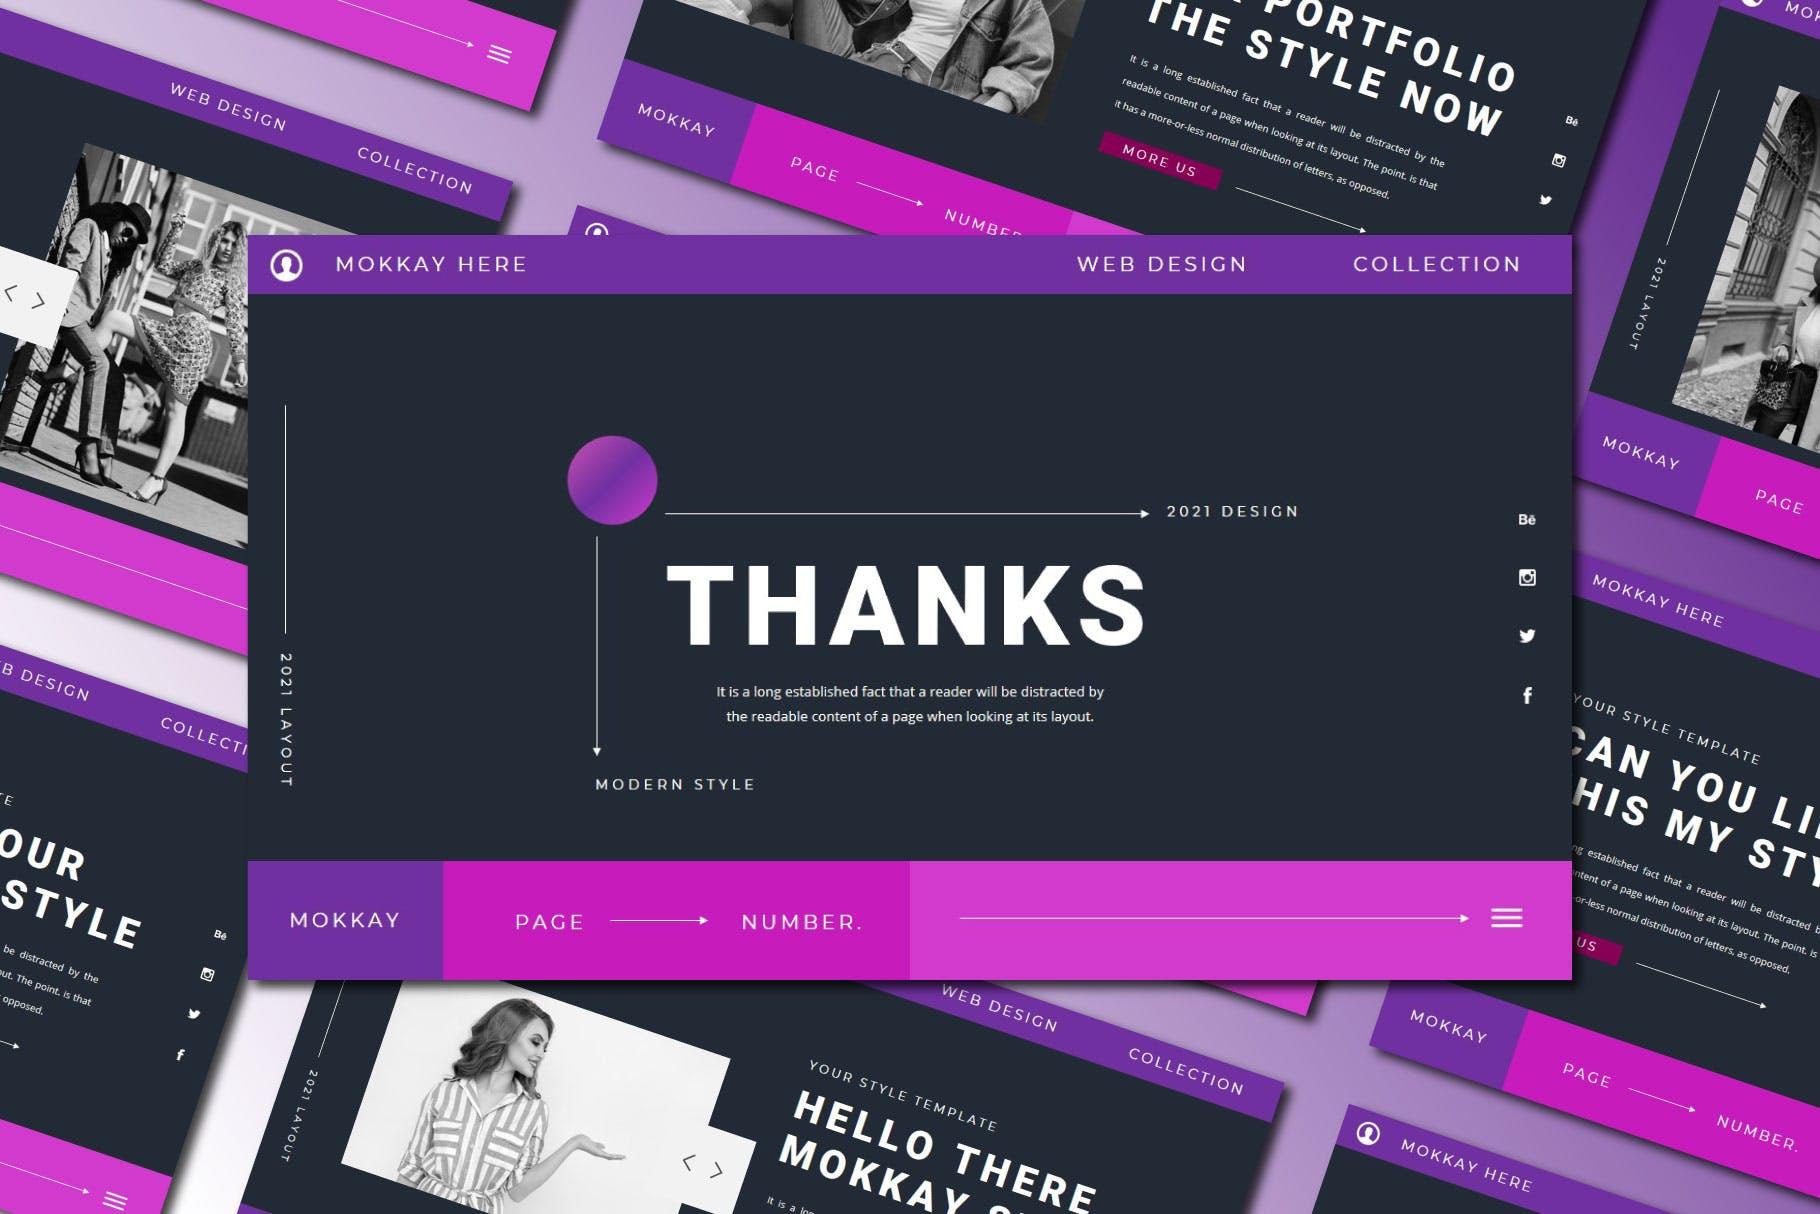 潮流服装摄影作品集图文排版 Keynote设计模板 MOKKAY Keynote Template插图9